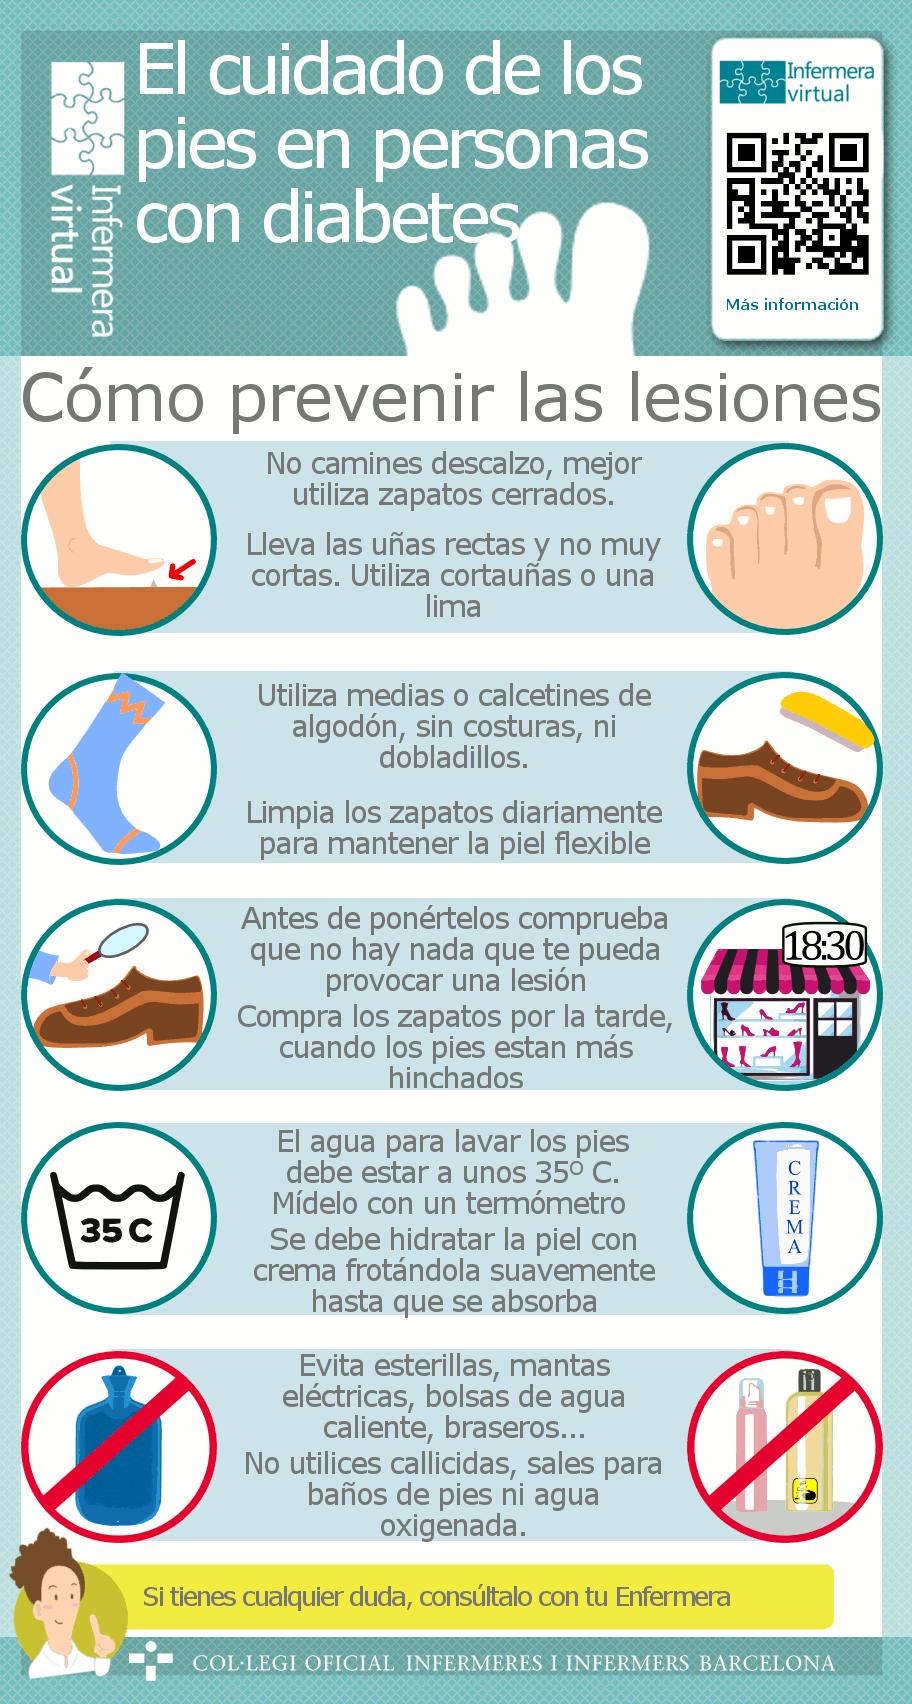 Cuidado de los pies | Afiches Diabetes | Pinterest